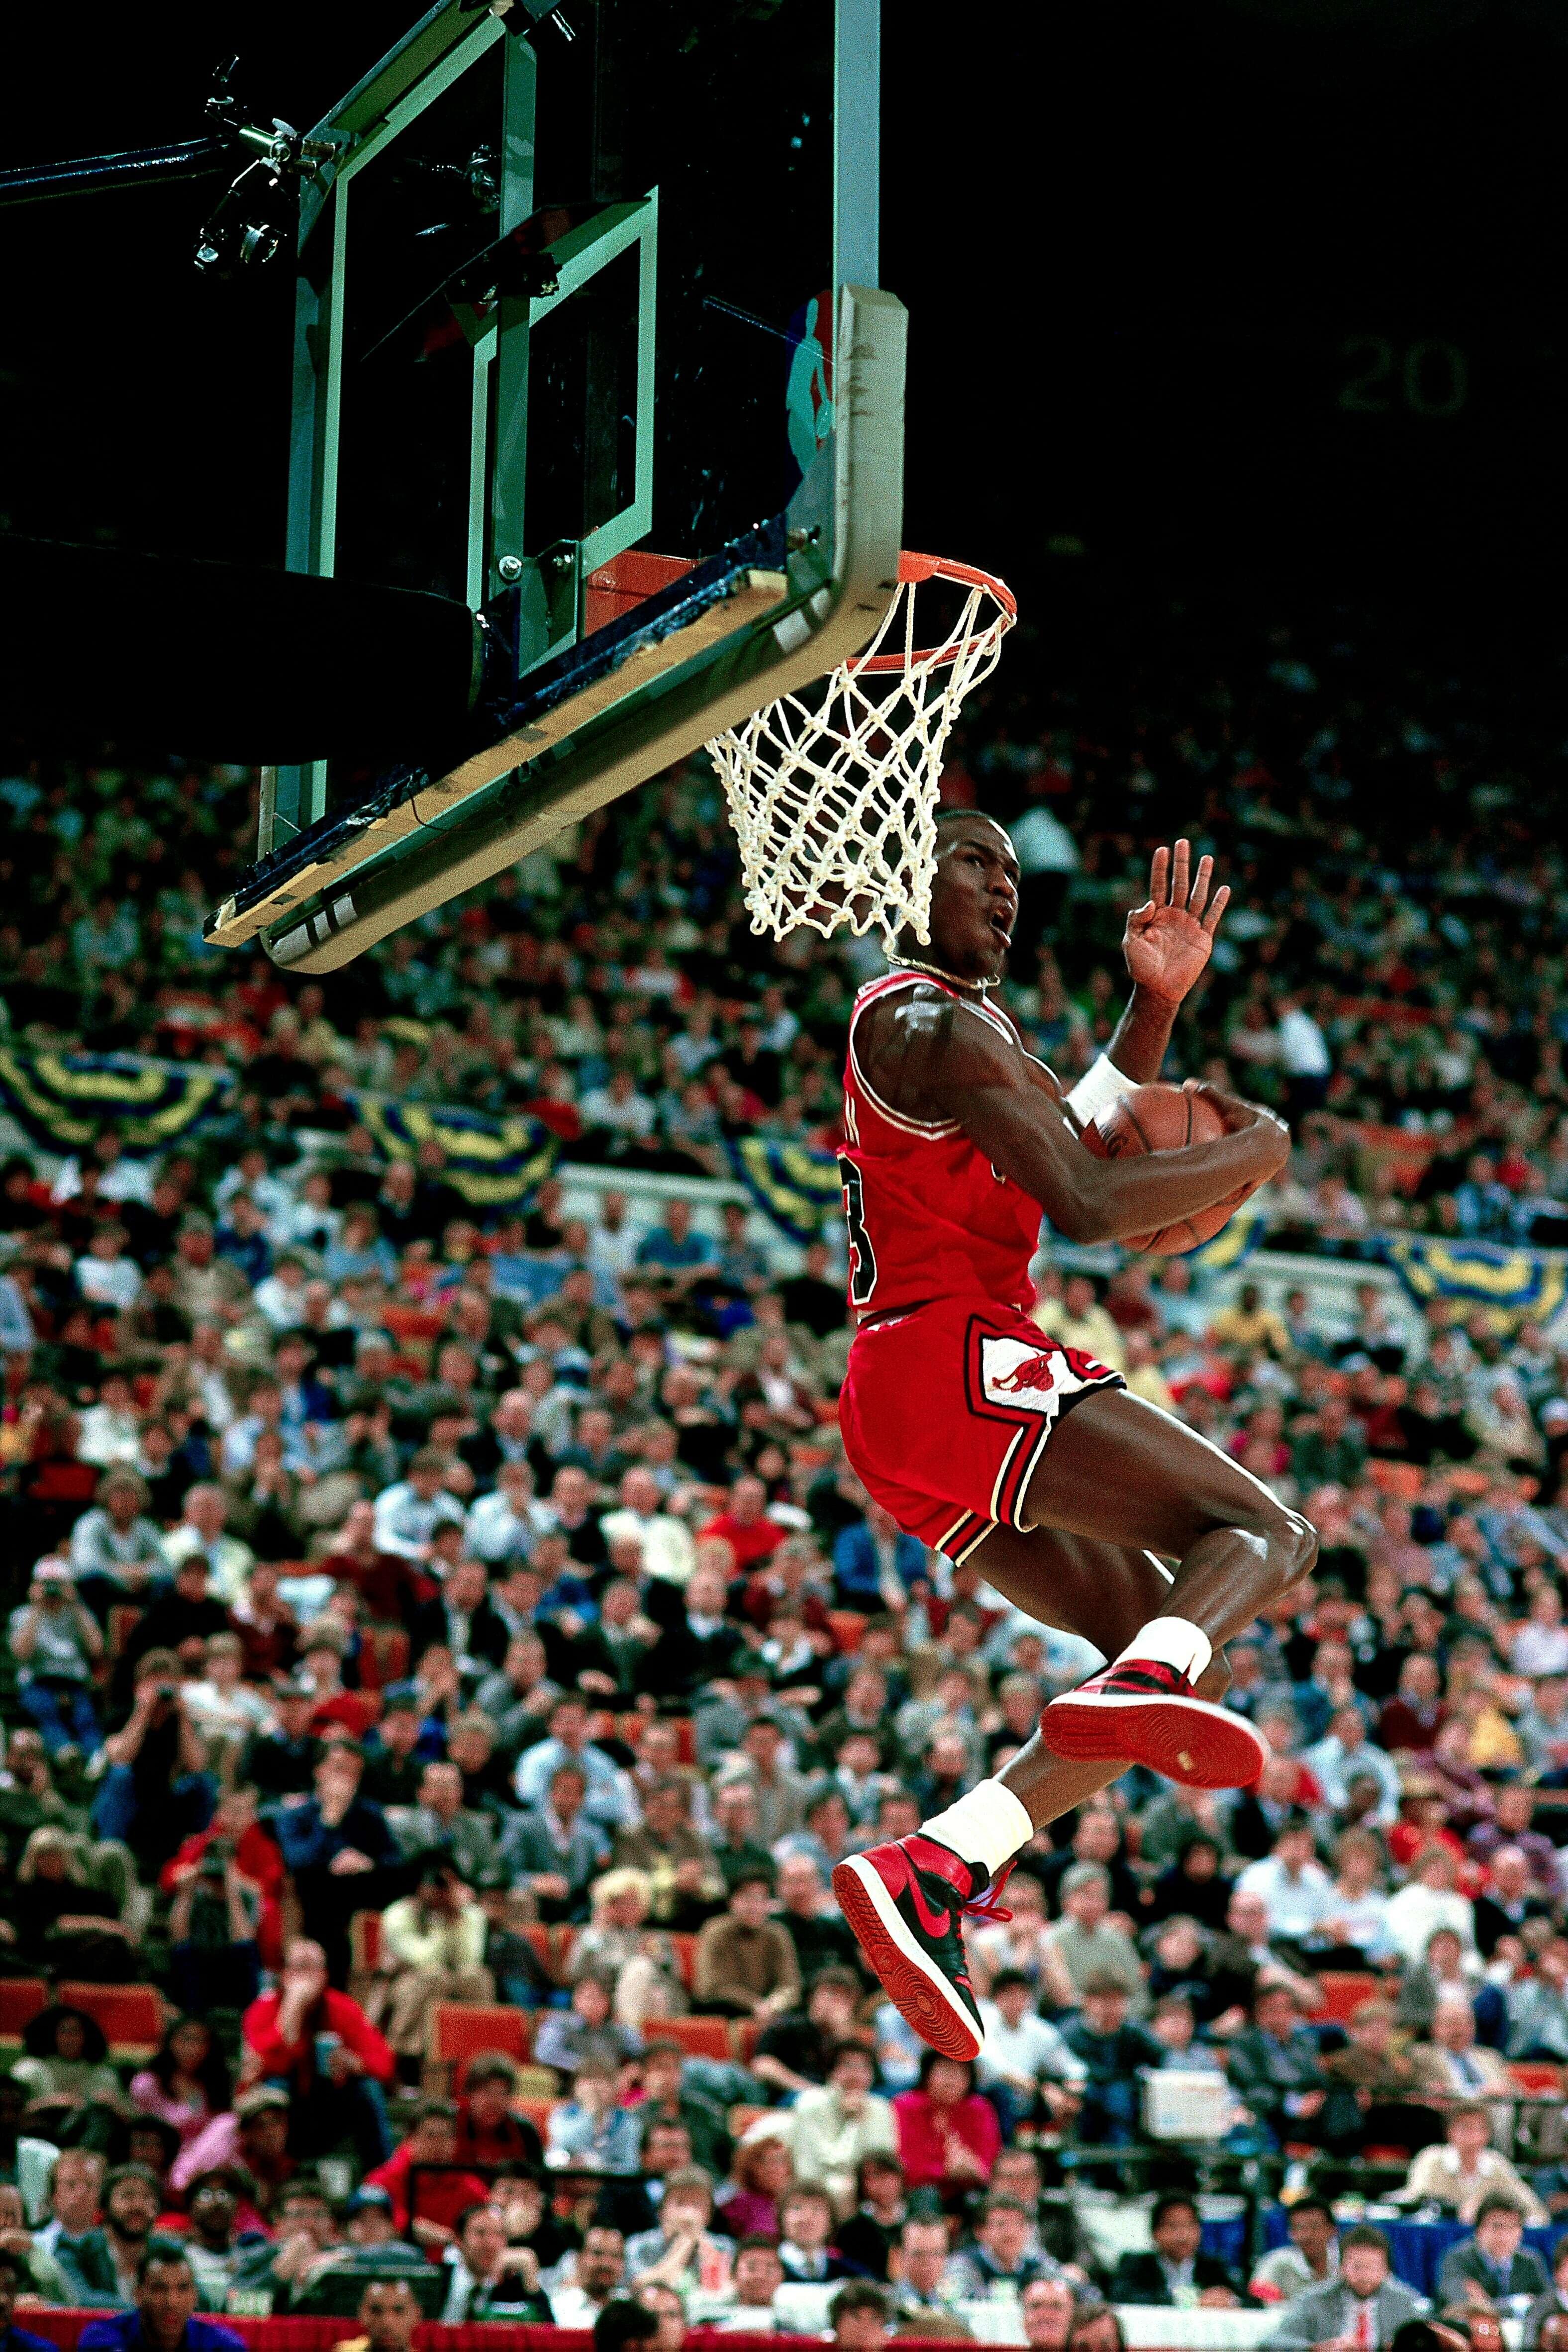 Michael Jordan's sneakers and NBA ban: How celebrity